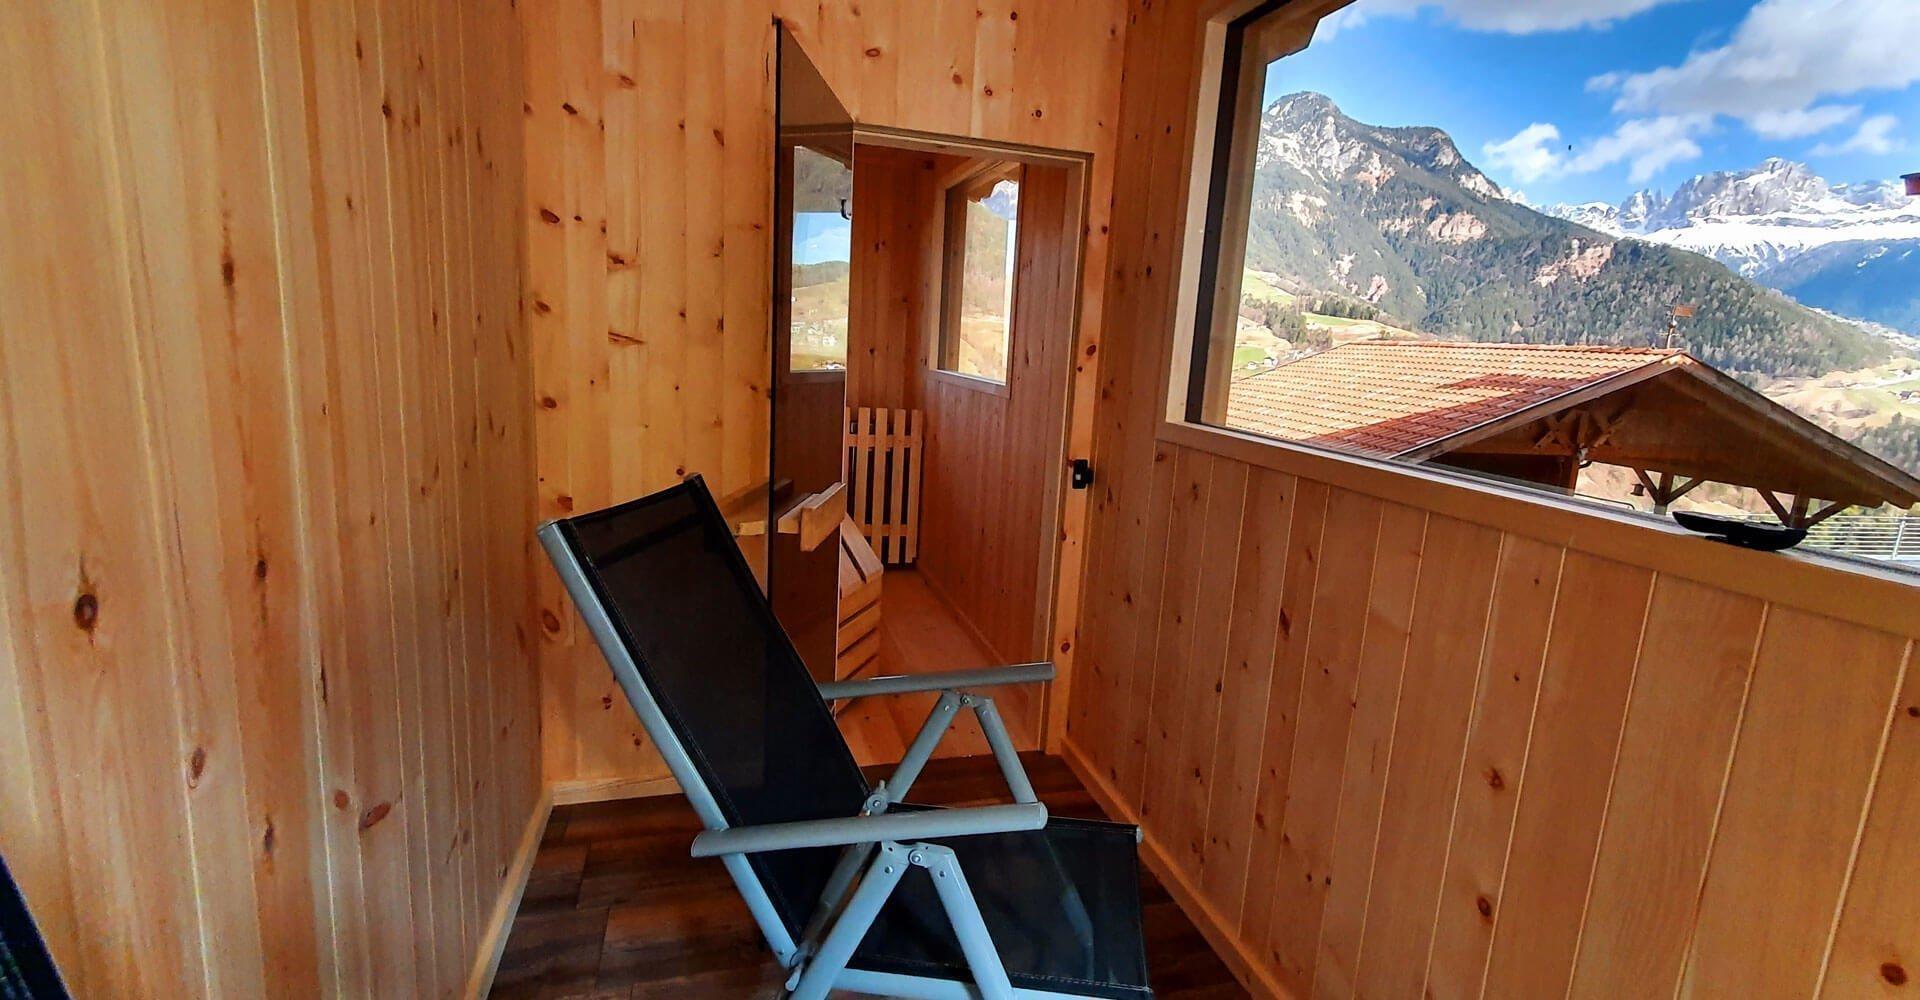 bauernhofurlaub mit sauna